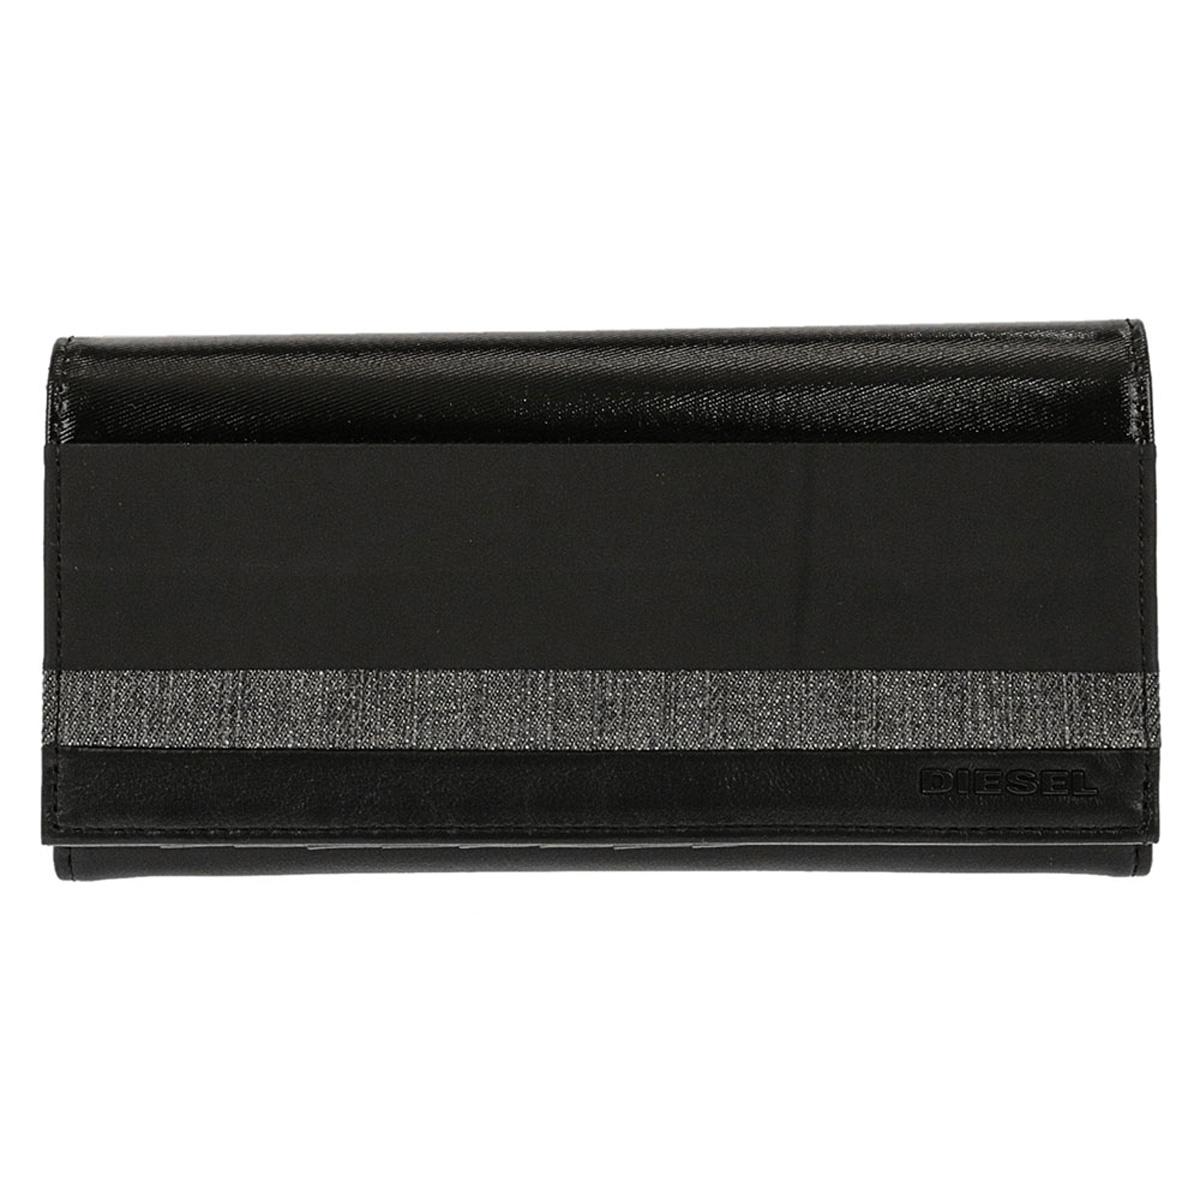 ディーゼル DIESEL 財布 X06001 P2067 H6027 24 A DAY 小銭入れ付き フラップ 長財布 BLACK ブラック